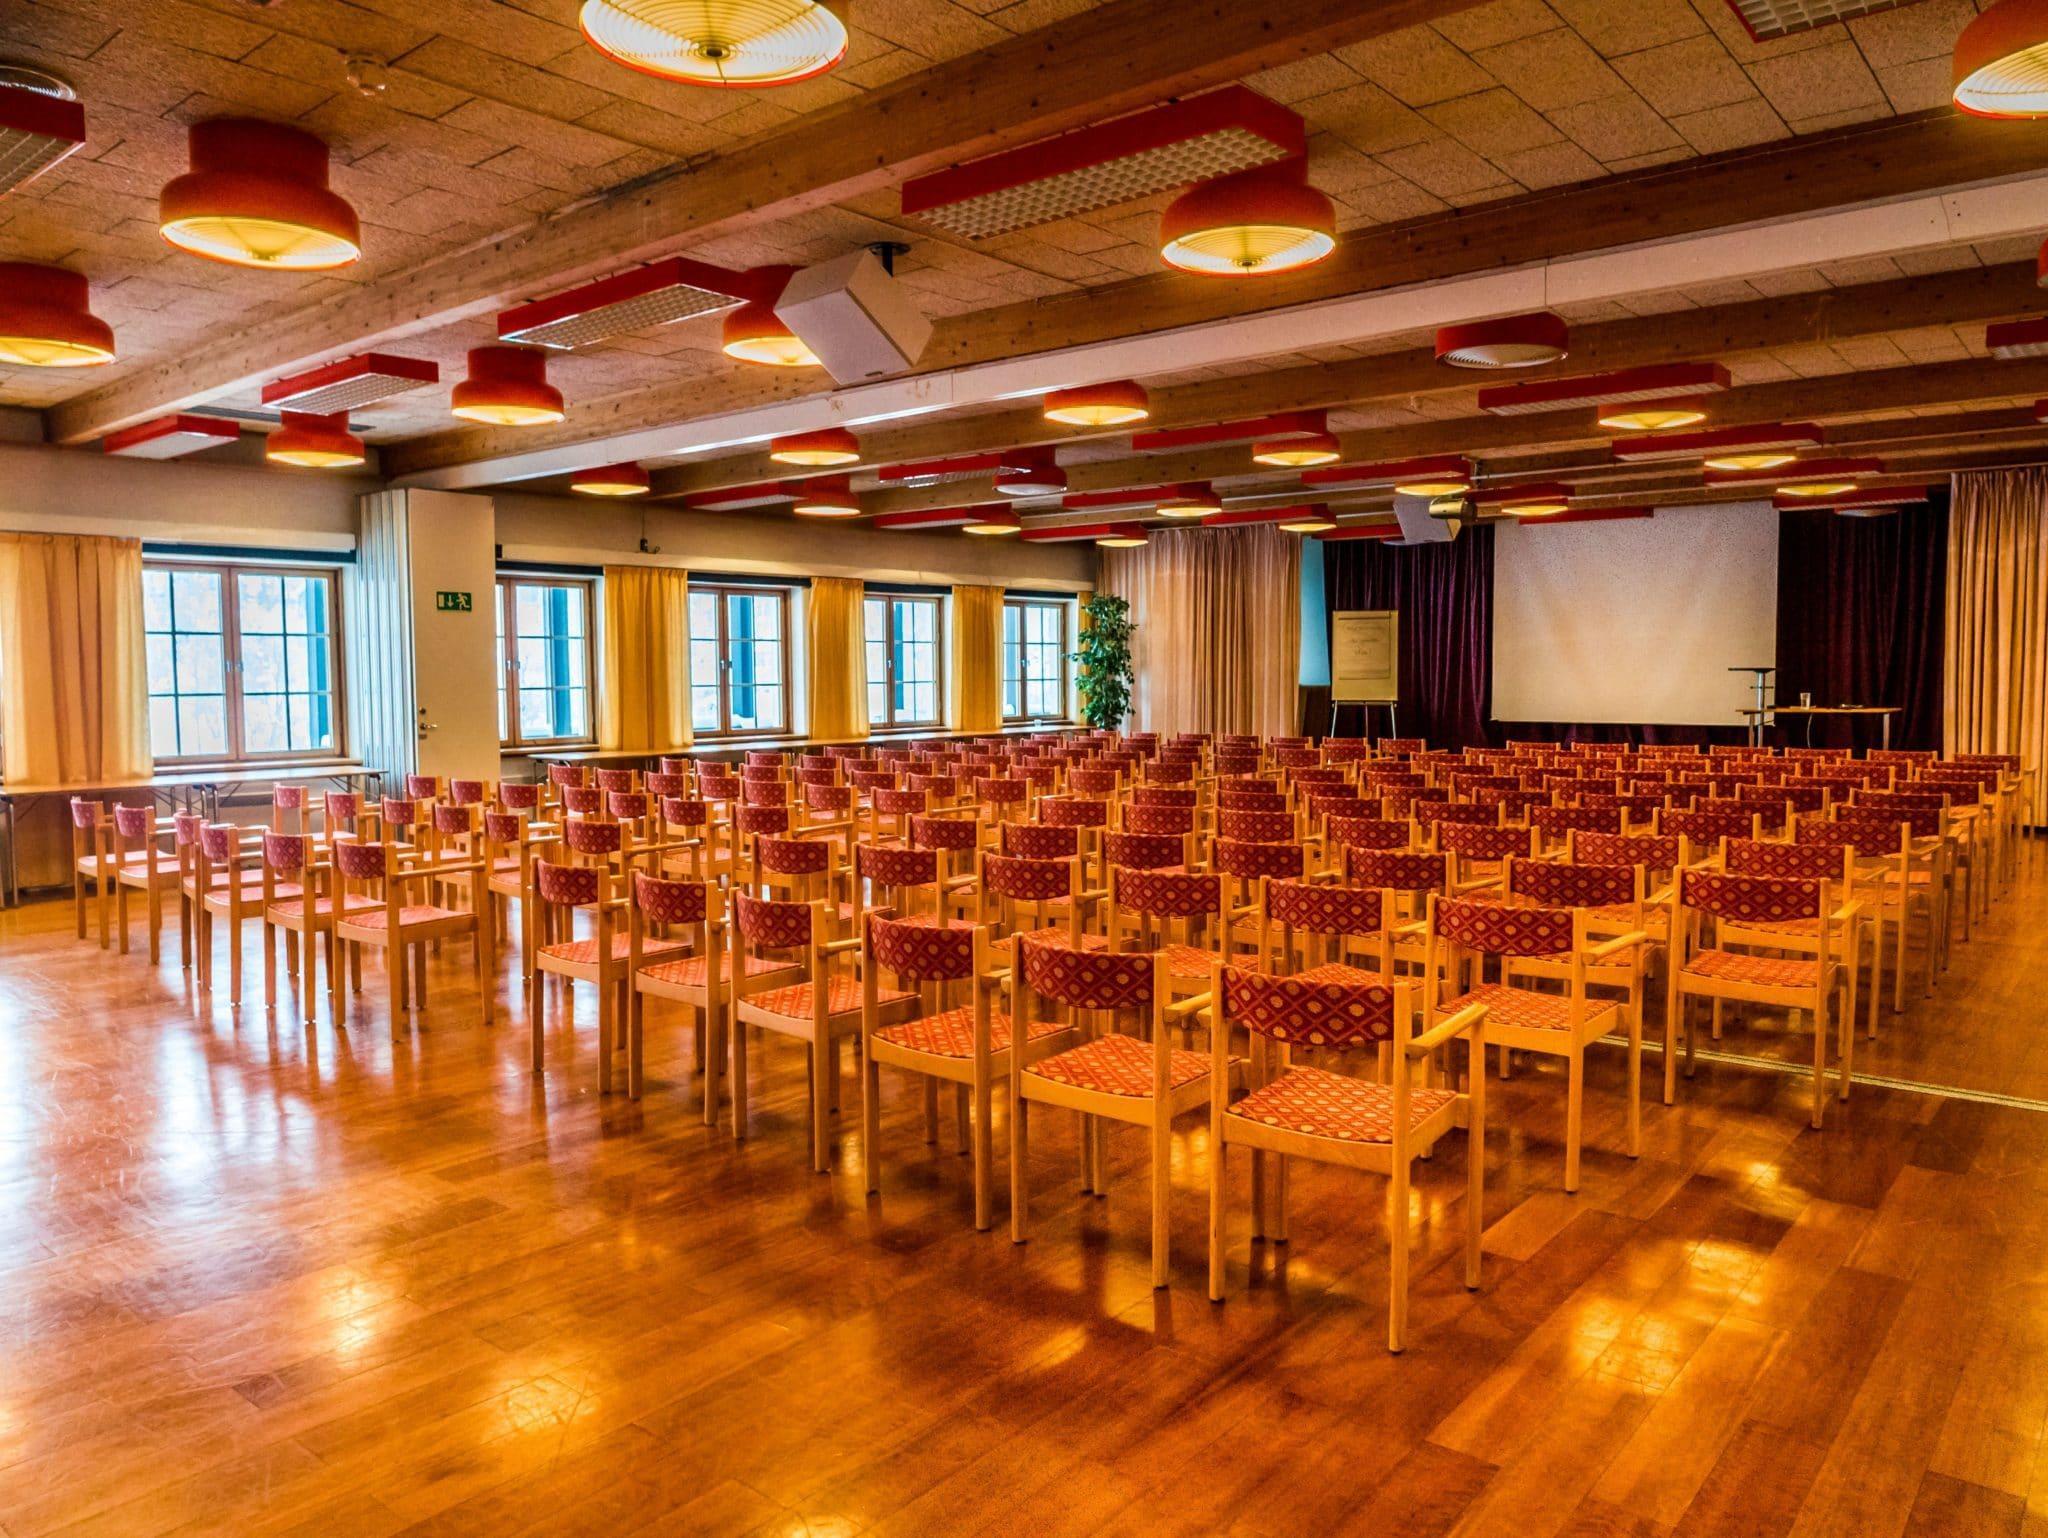 Konferens i Vemdalen. Hovdesalen 1 och 2, 250 personer .